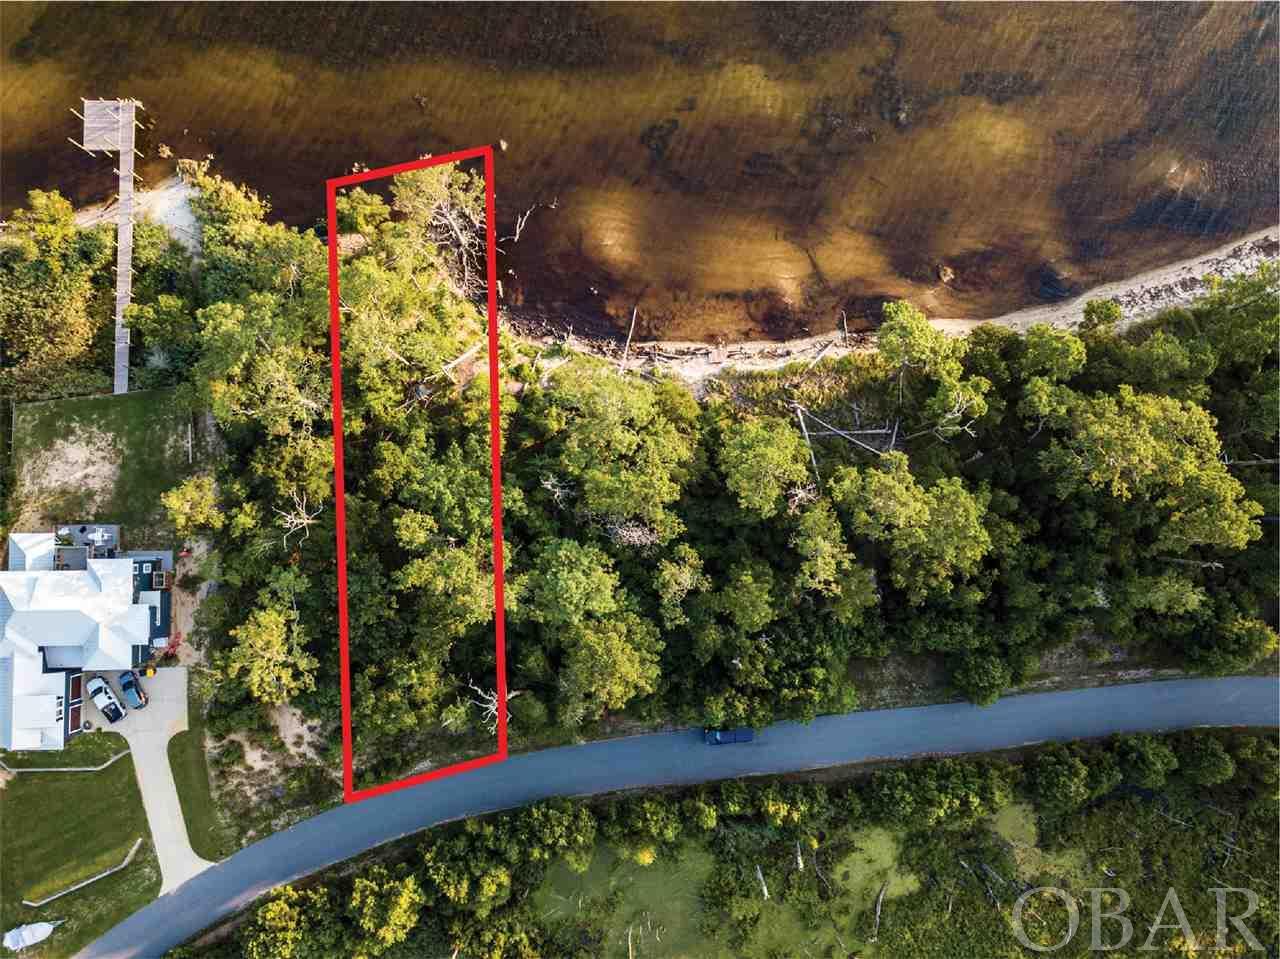 236 Tower Lane Lot: 19, Kill Devil Hills, NC 27948